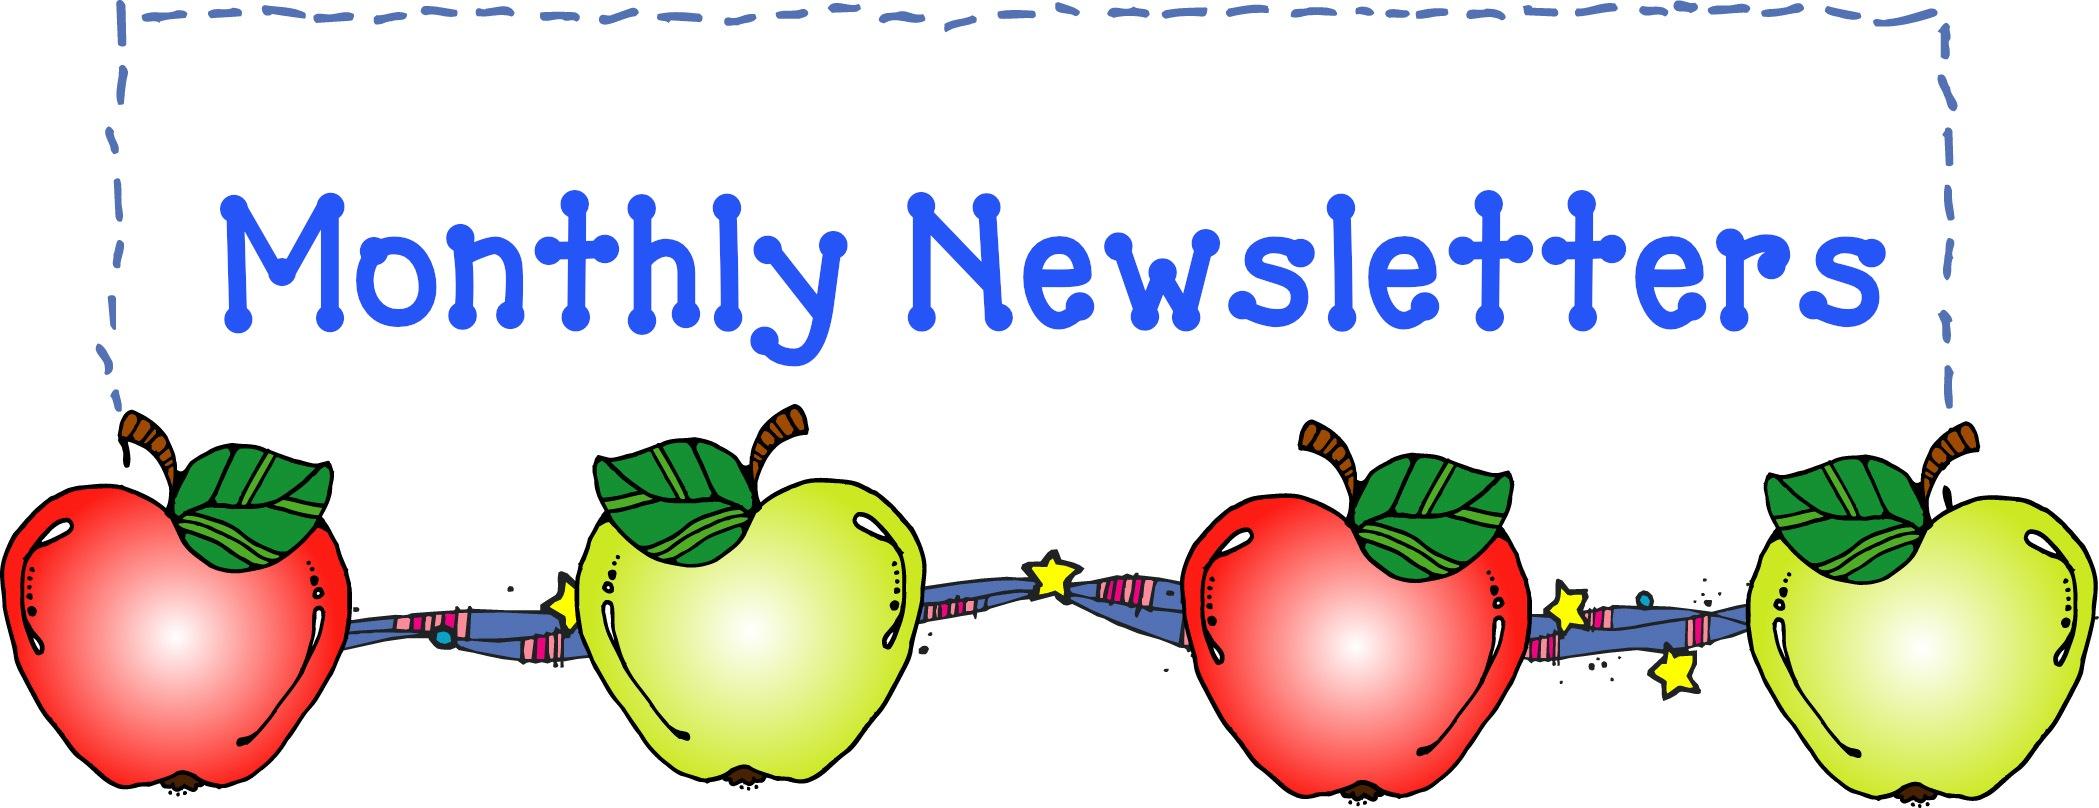 newsletter-clipart- .